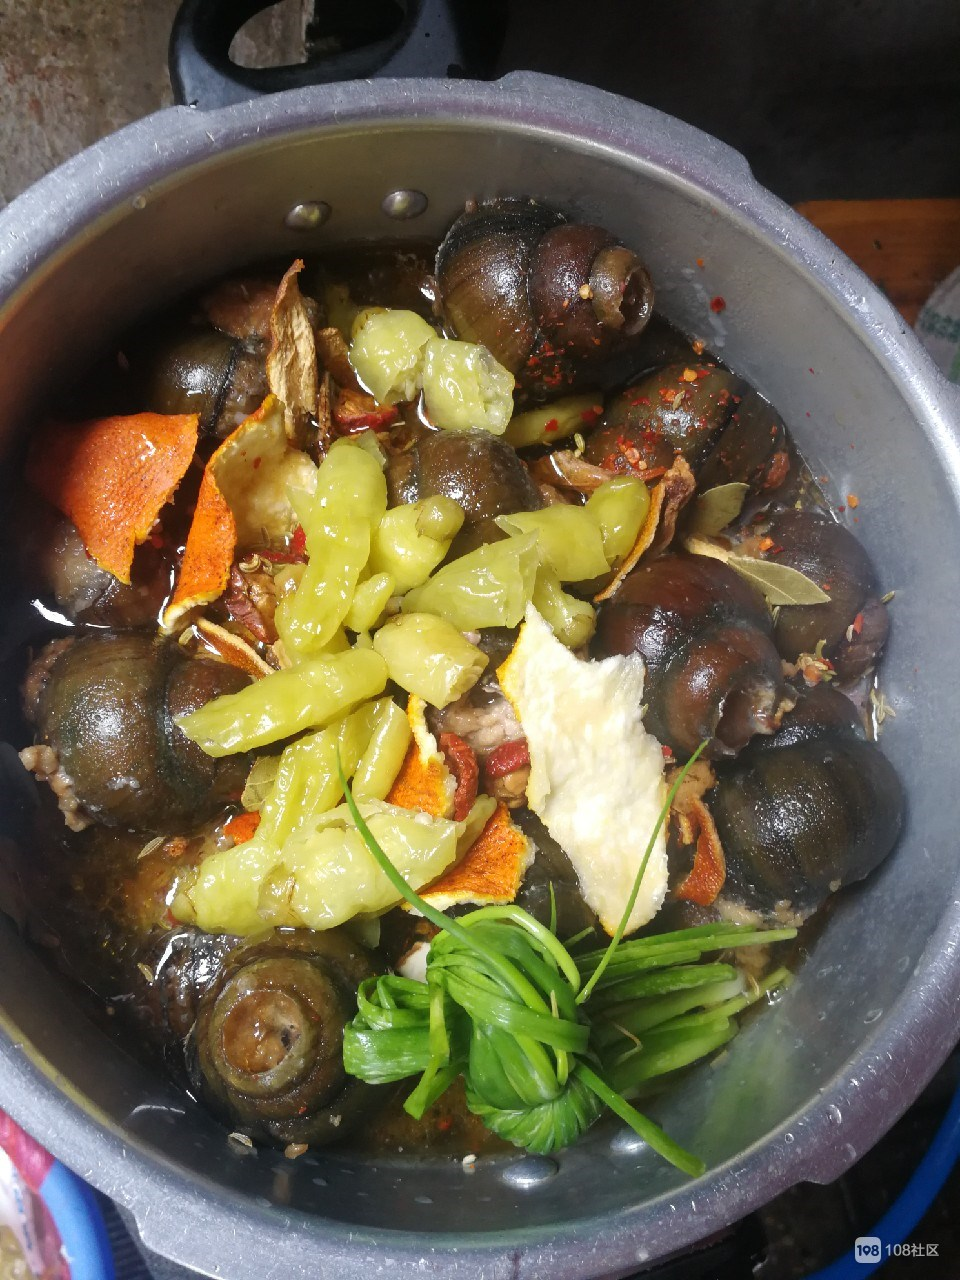 超级入味的鸭掌螺蛳,吃了绝对还想吃